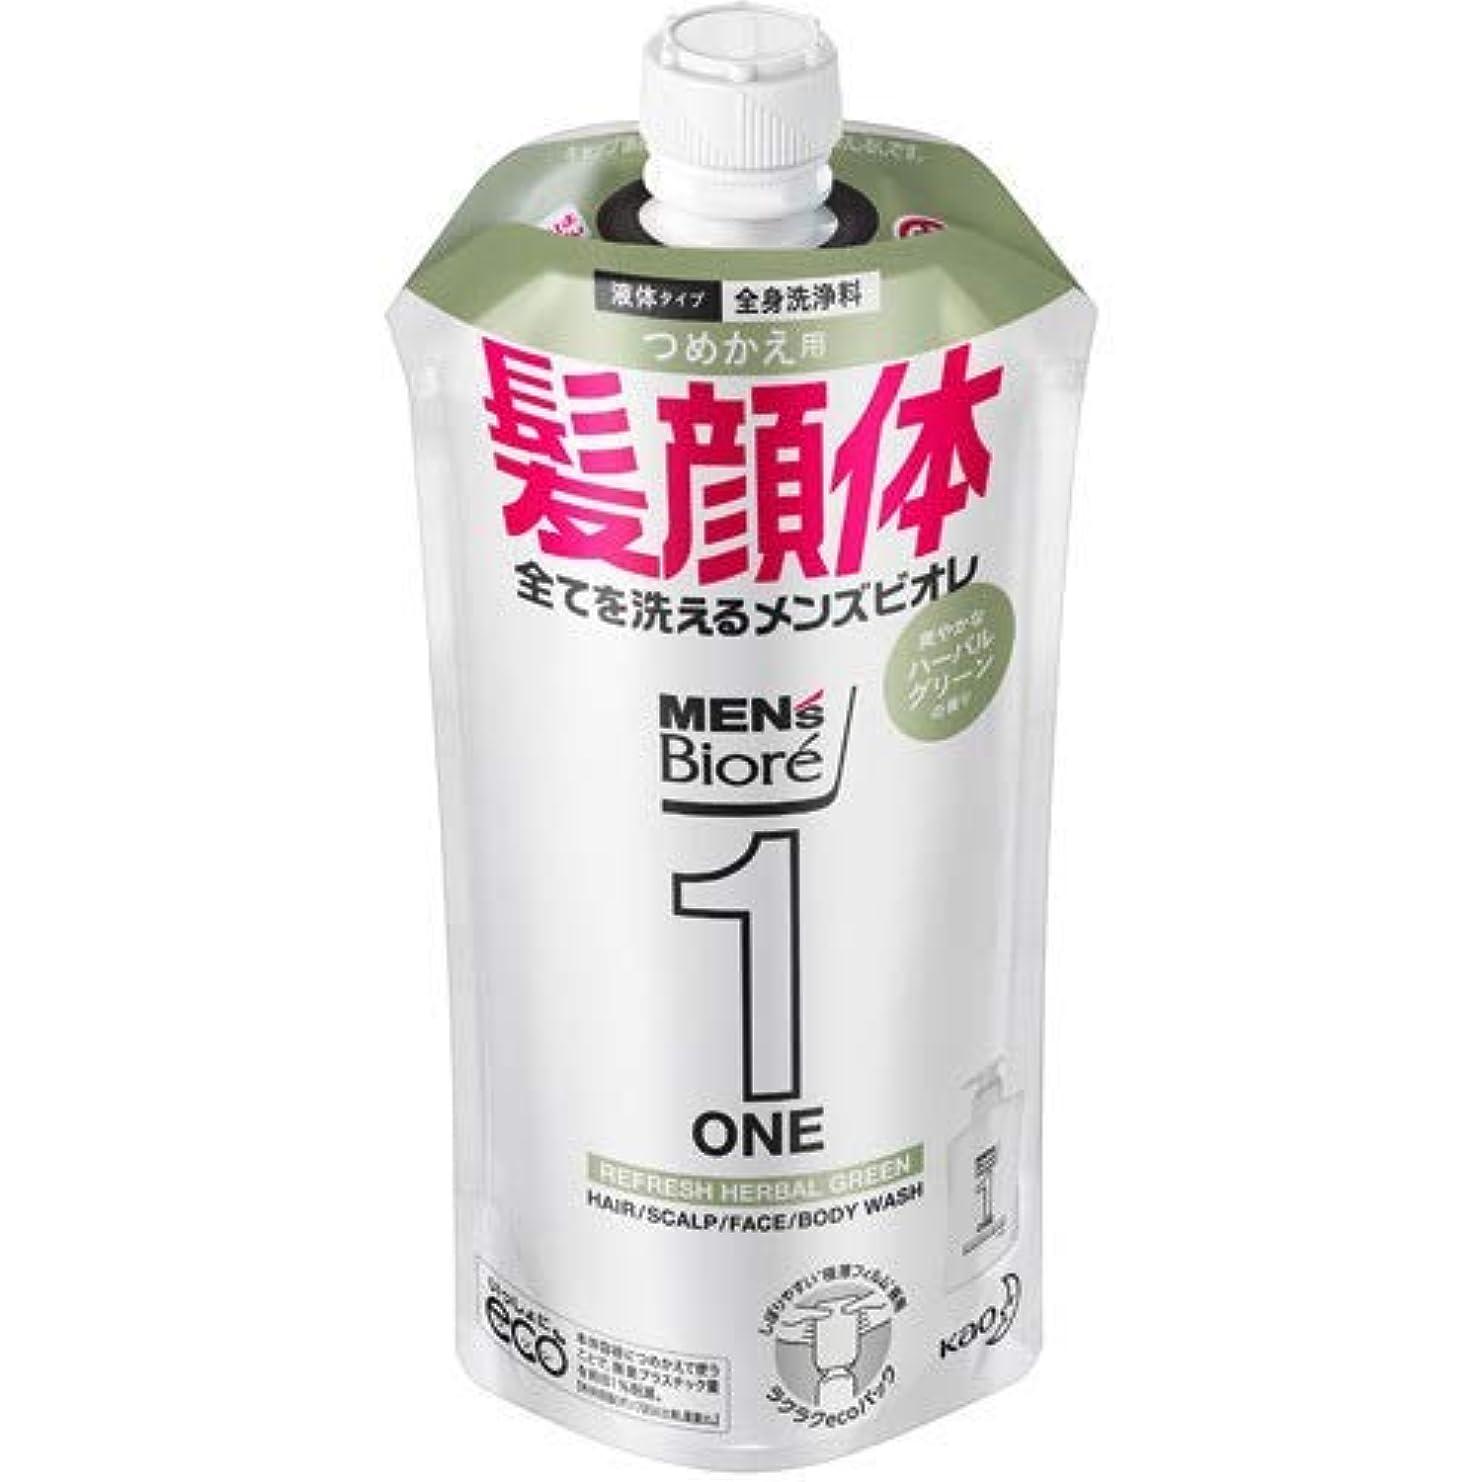 ごめんなさい文房具少数【10個セット】メンズビオレONE オールインワン全身洗浄料 爽やかなハーブルグリーンの香り つめかえ用 340mL